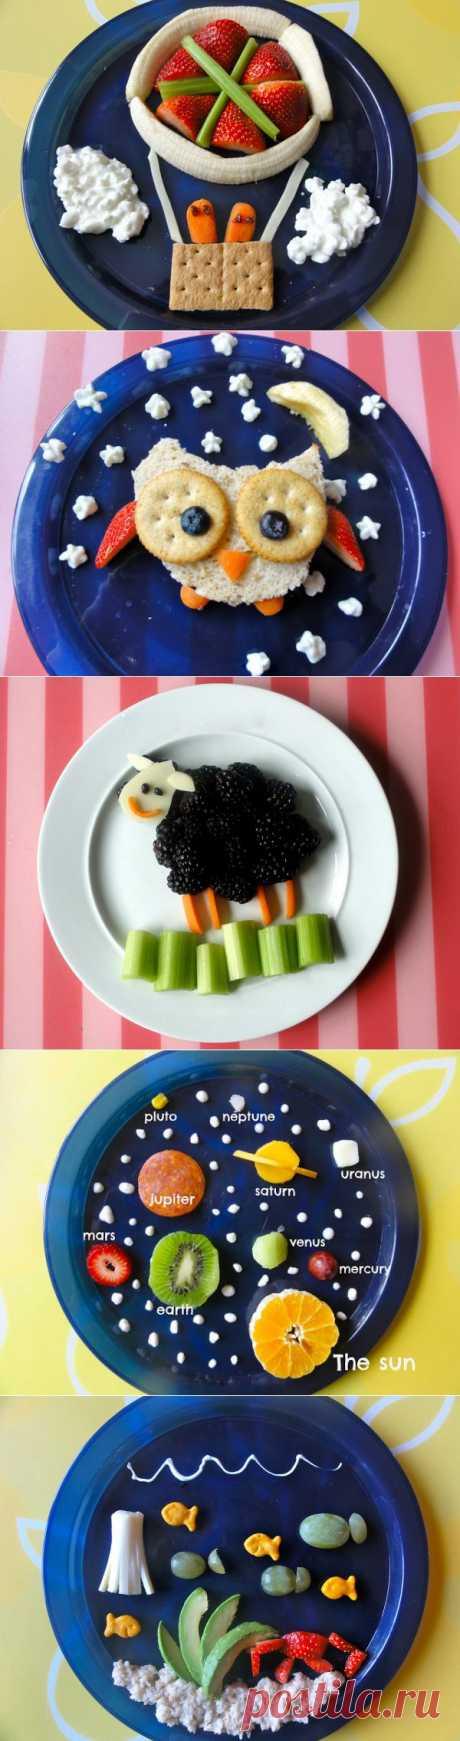 (+1) сообщ - 7 способов красиво оформить блюдо и вкусно накормить ребенка | ВКУСНО ПОЕДИМ!